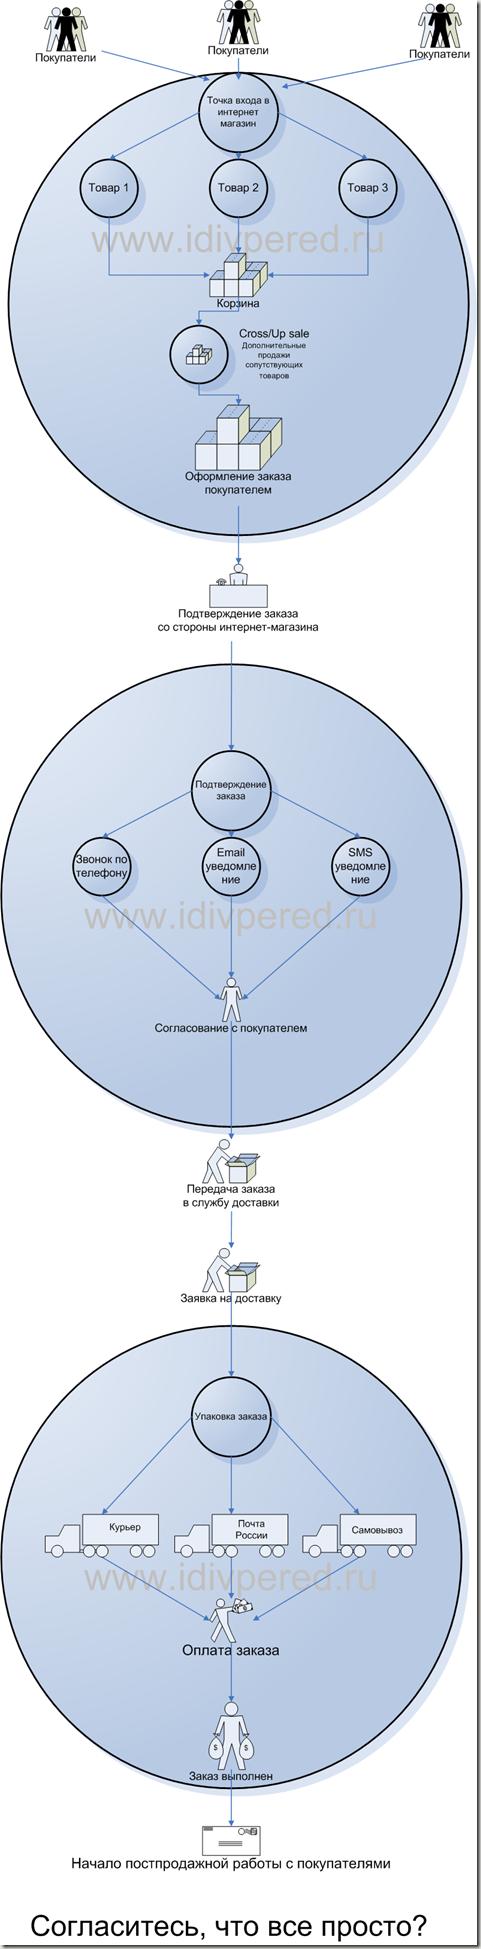 Изображение - Как работает интернет магазин princip_raboty_internet_magazina_full_thumb